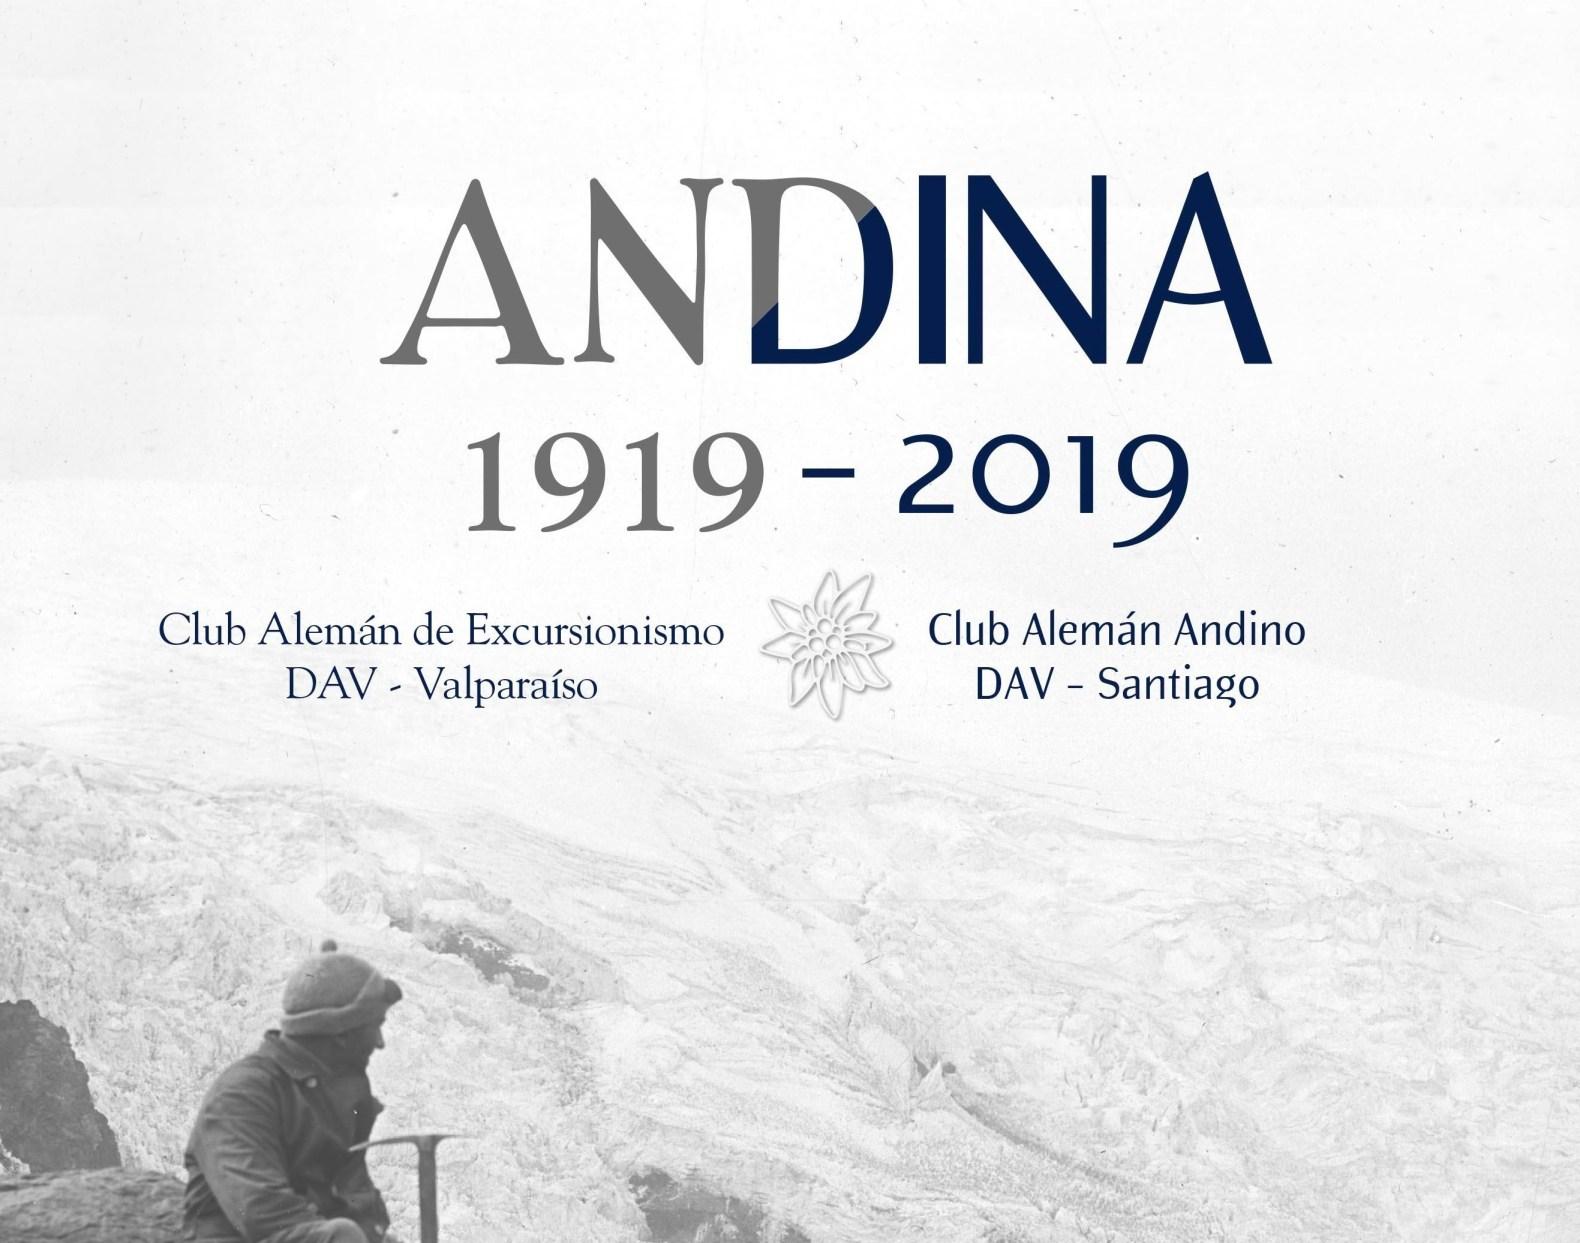 Club Alemán Andino de Santiago